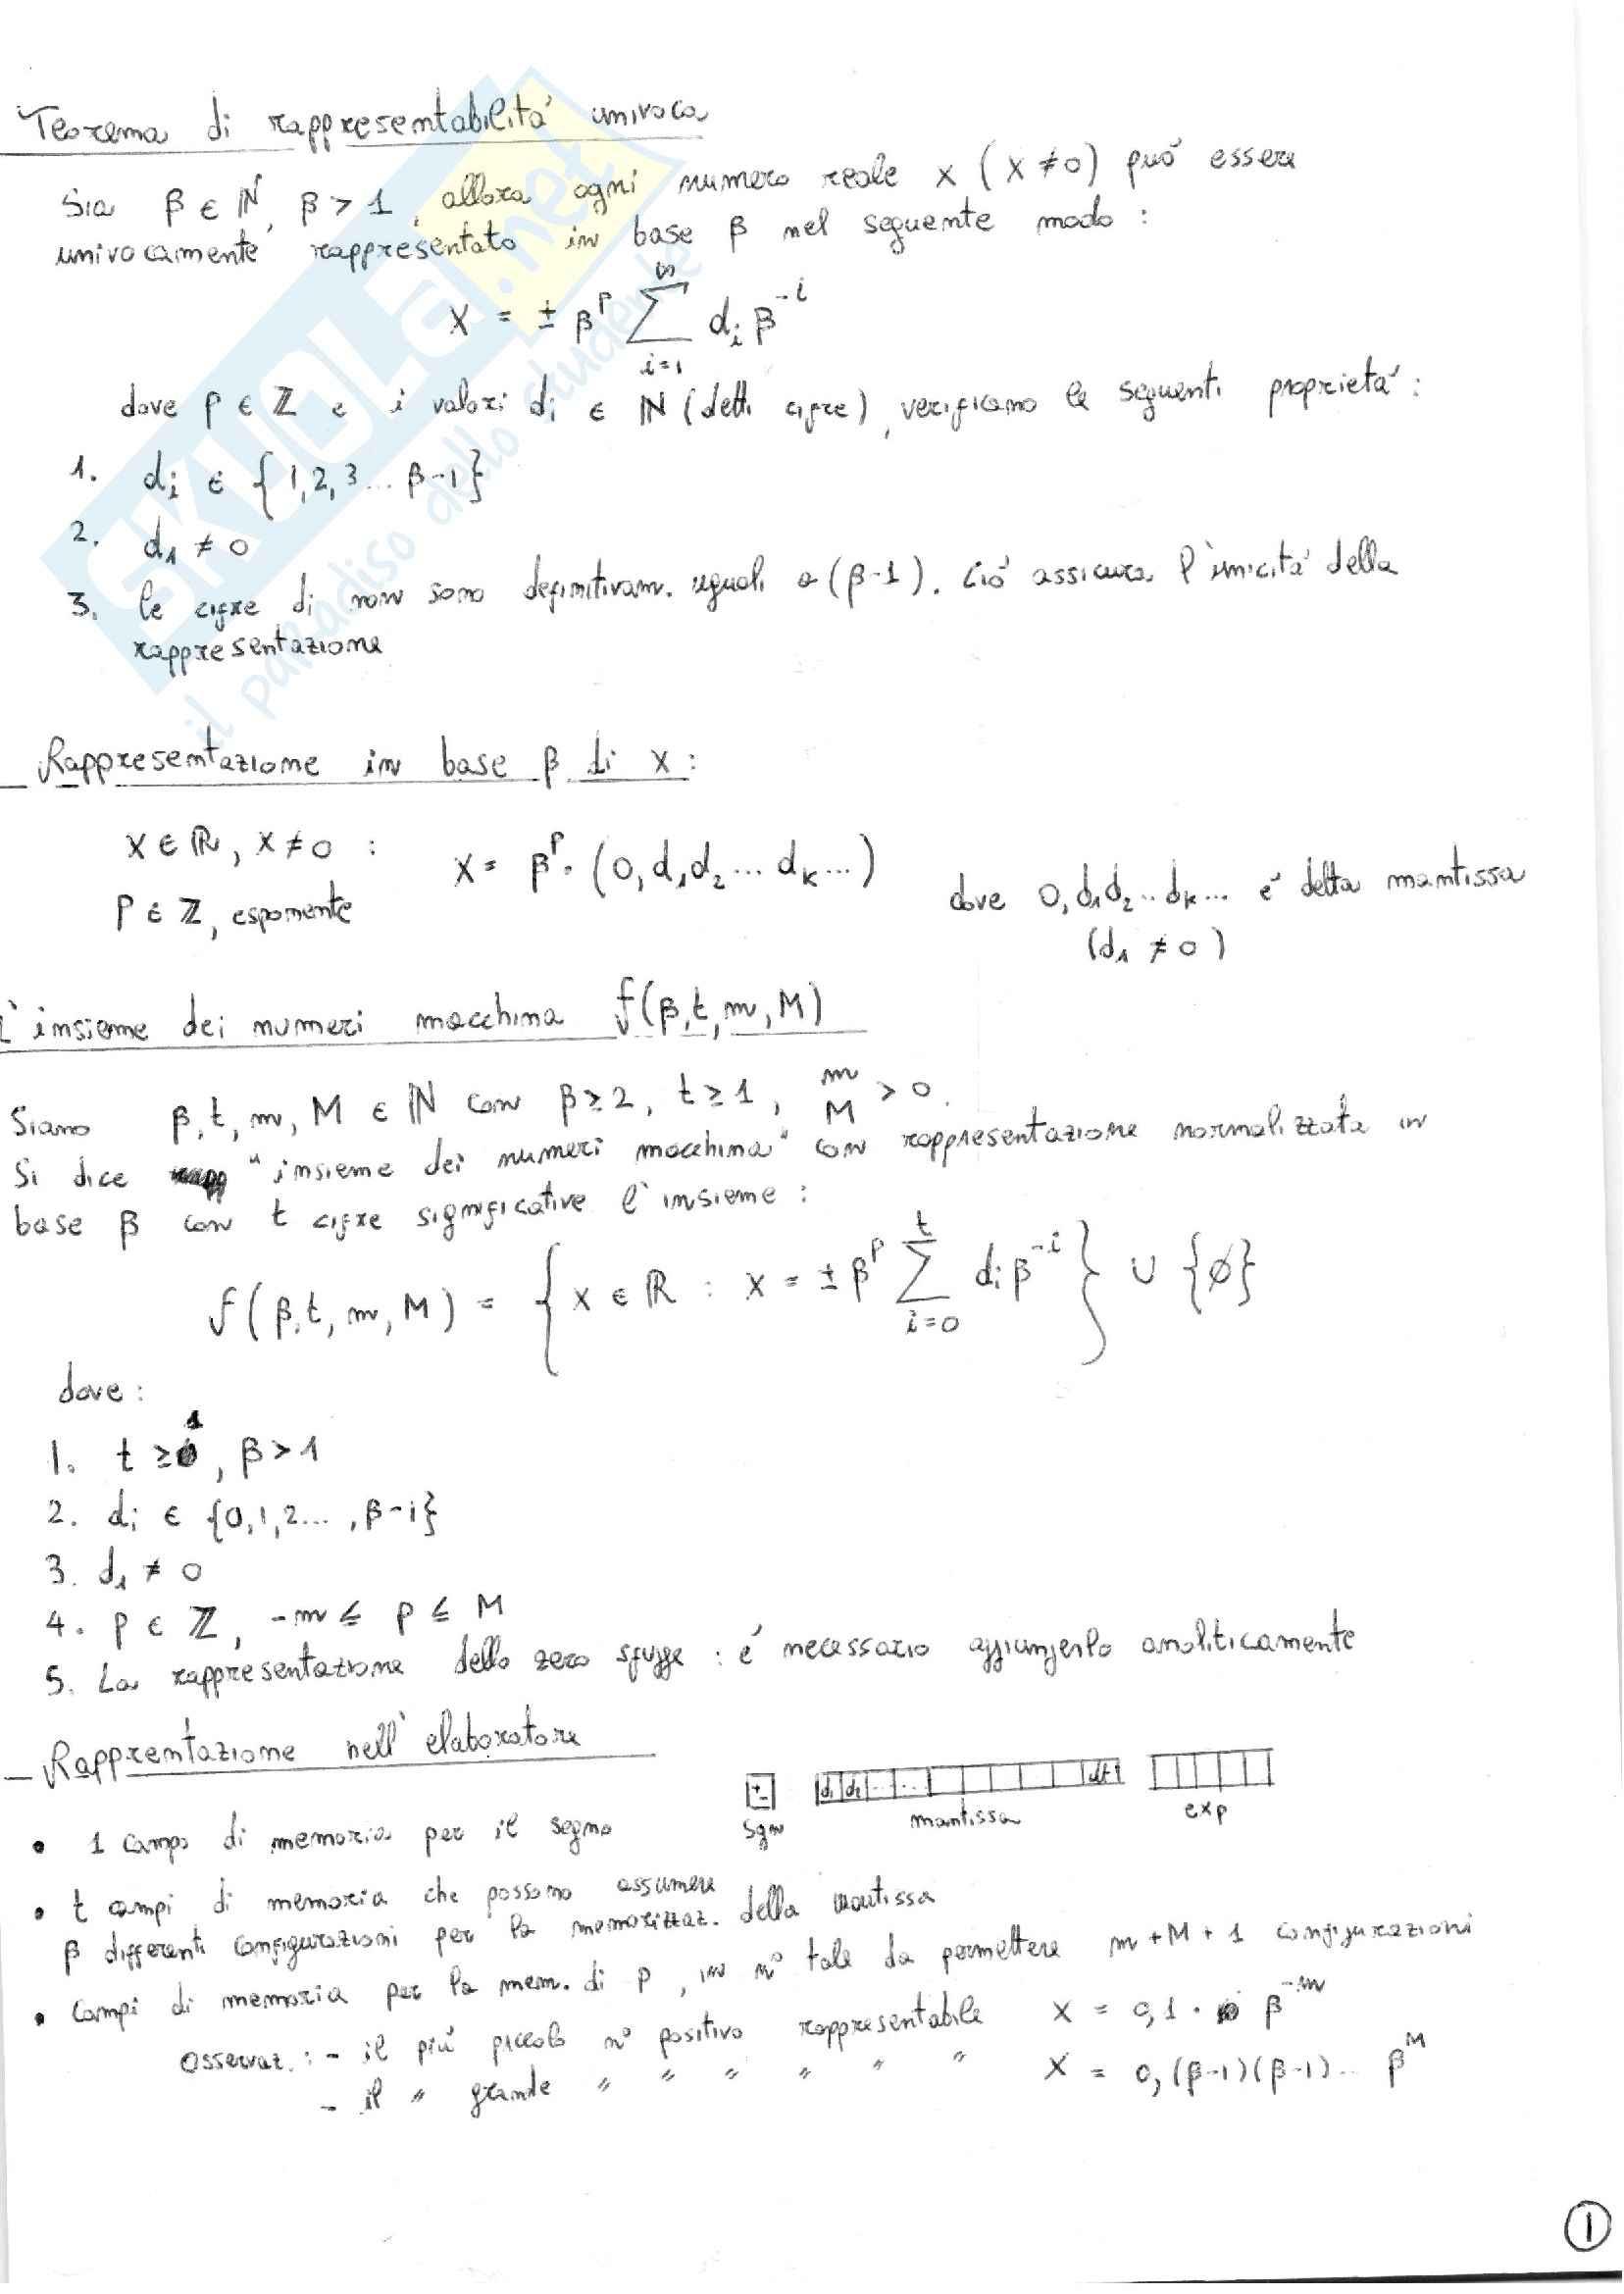 Riassunto esame, Calcolo Numerico - Tutto l'esame in 30 pagine, prof. Politi